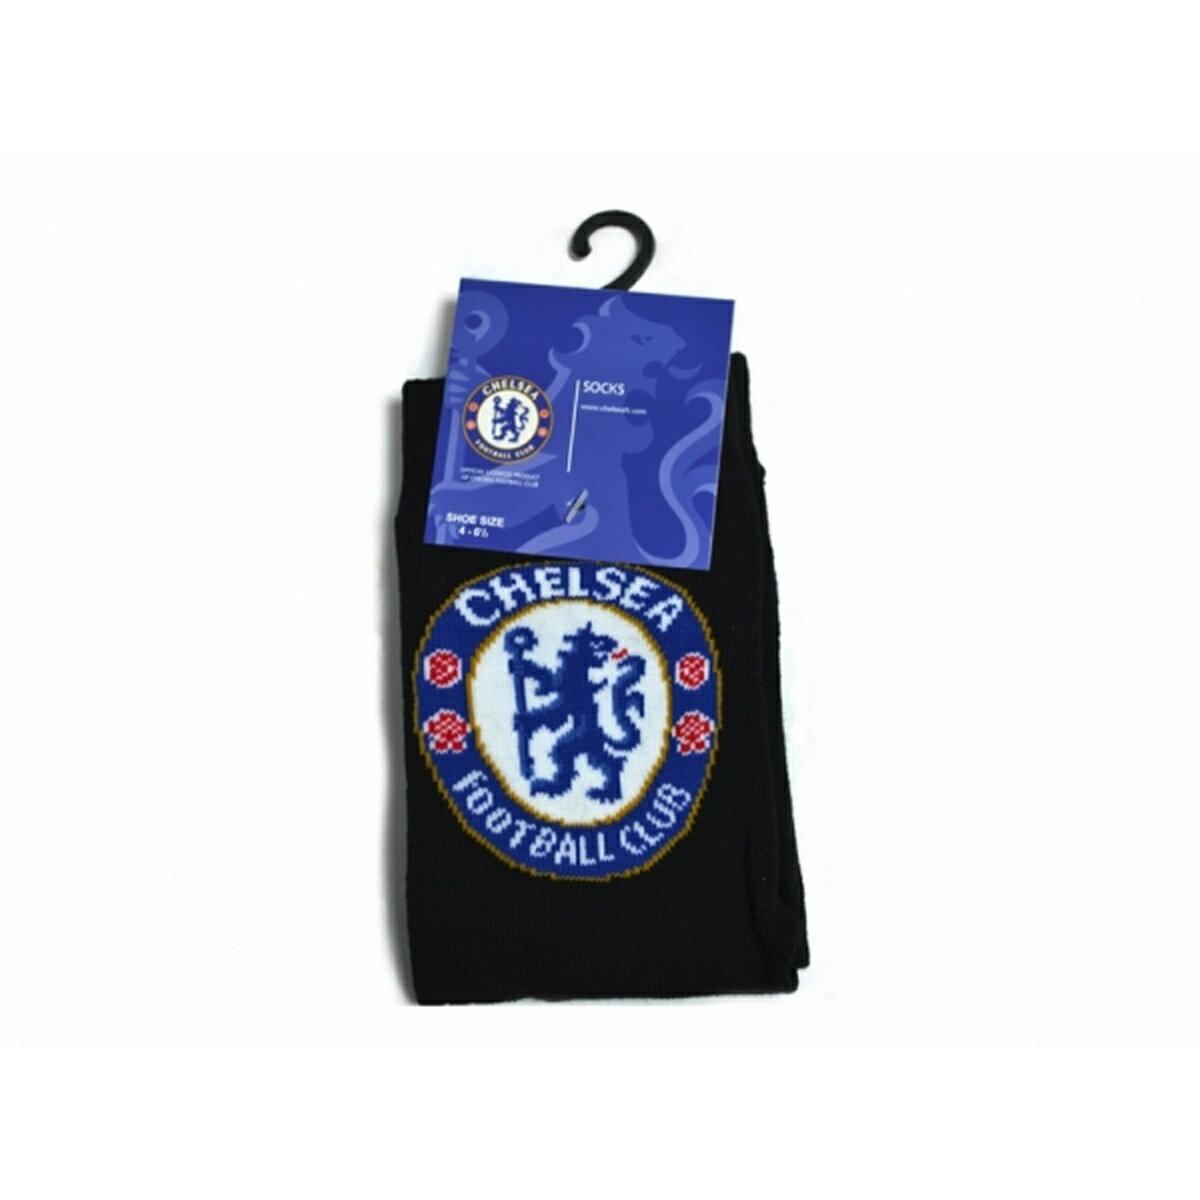 チェルシー フットボールクラブ Chelsea FC オフィシャル商品 メンズ ロゴ ソックス 靴下 (1足組) 【楽天海外直送】